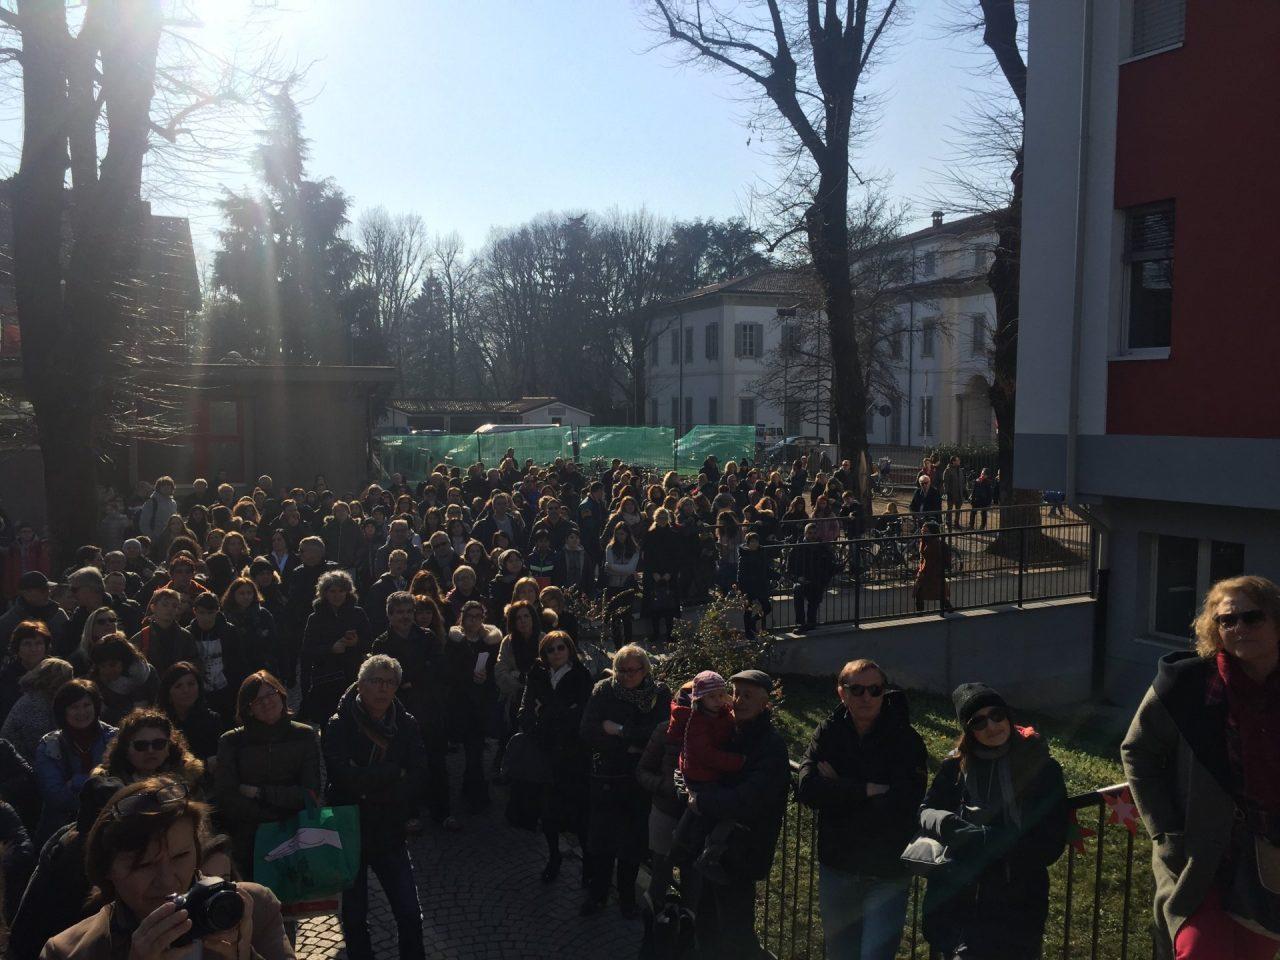 Intitolazione scuola secondaria di primo grado a Margherita Hack a Cernusco sul Naviglio discorso del dirigente scolastico Claudio Mereghetti